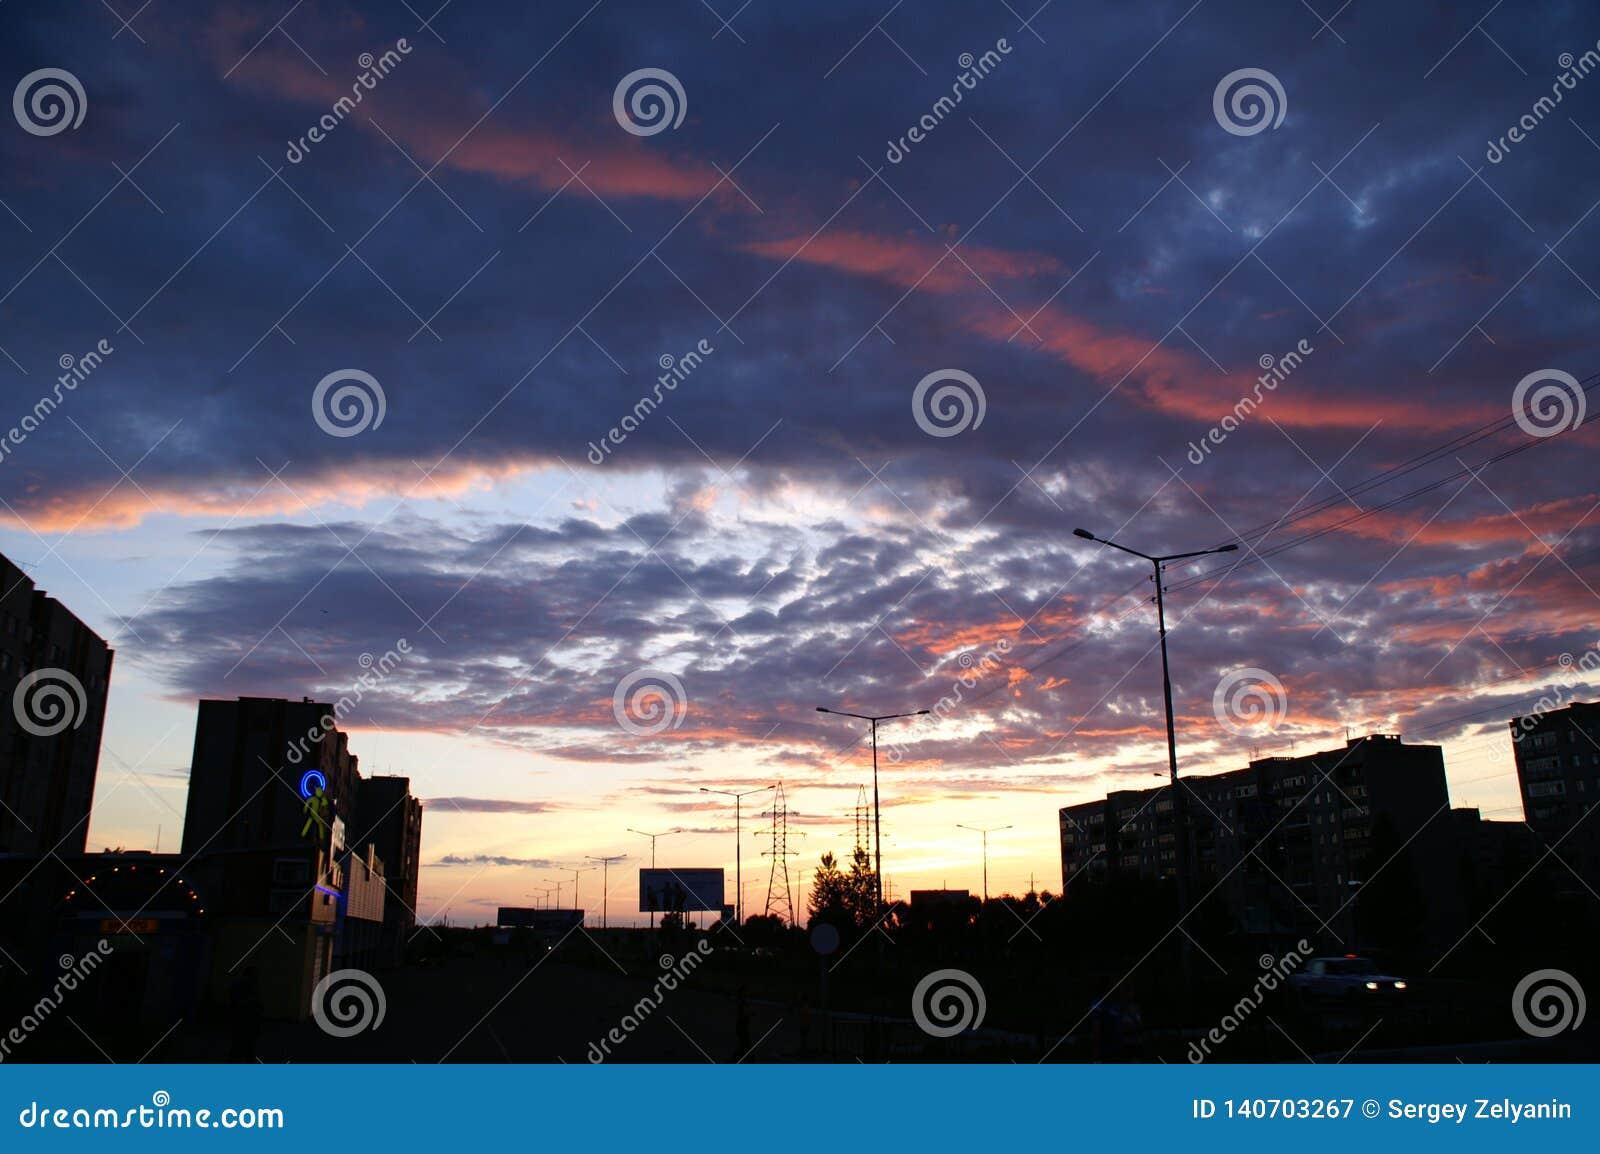 Fantastyczne zmierzchu i zmroku chmury z czerwoną strzałą